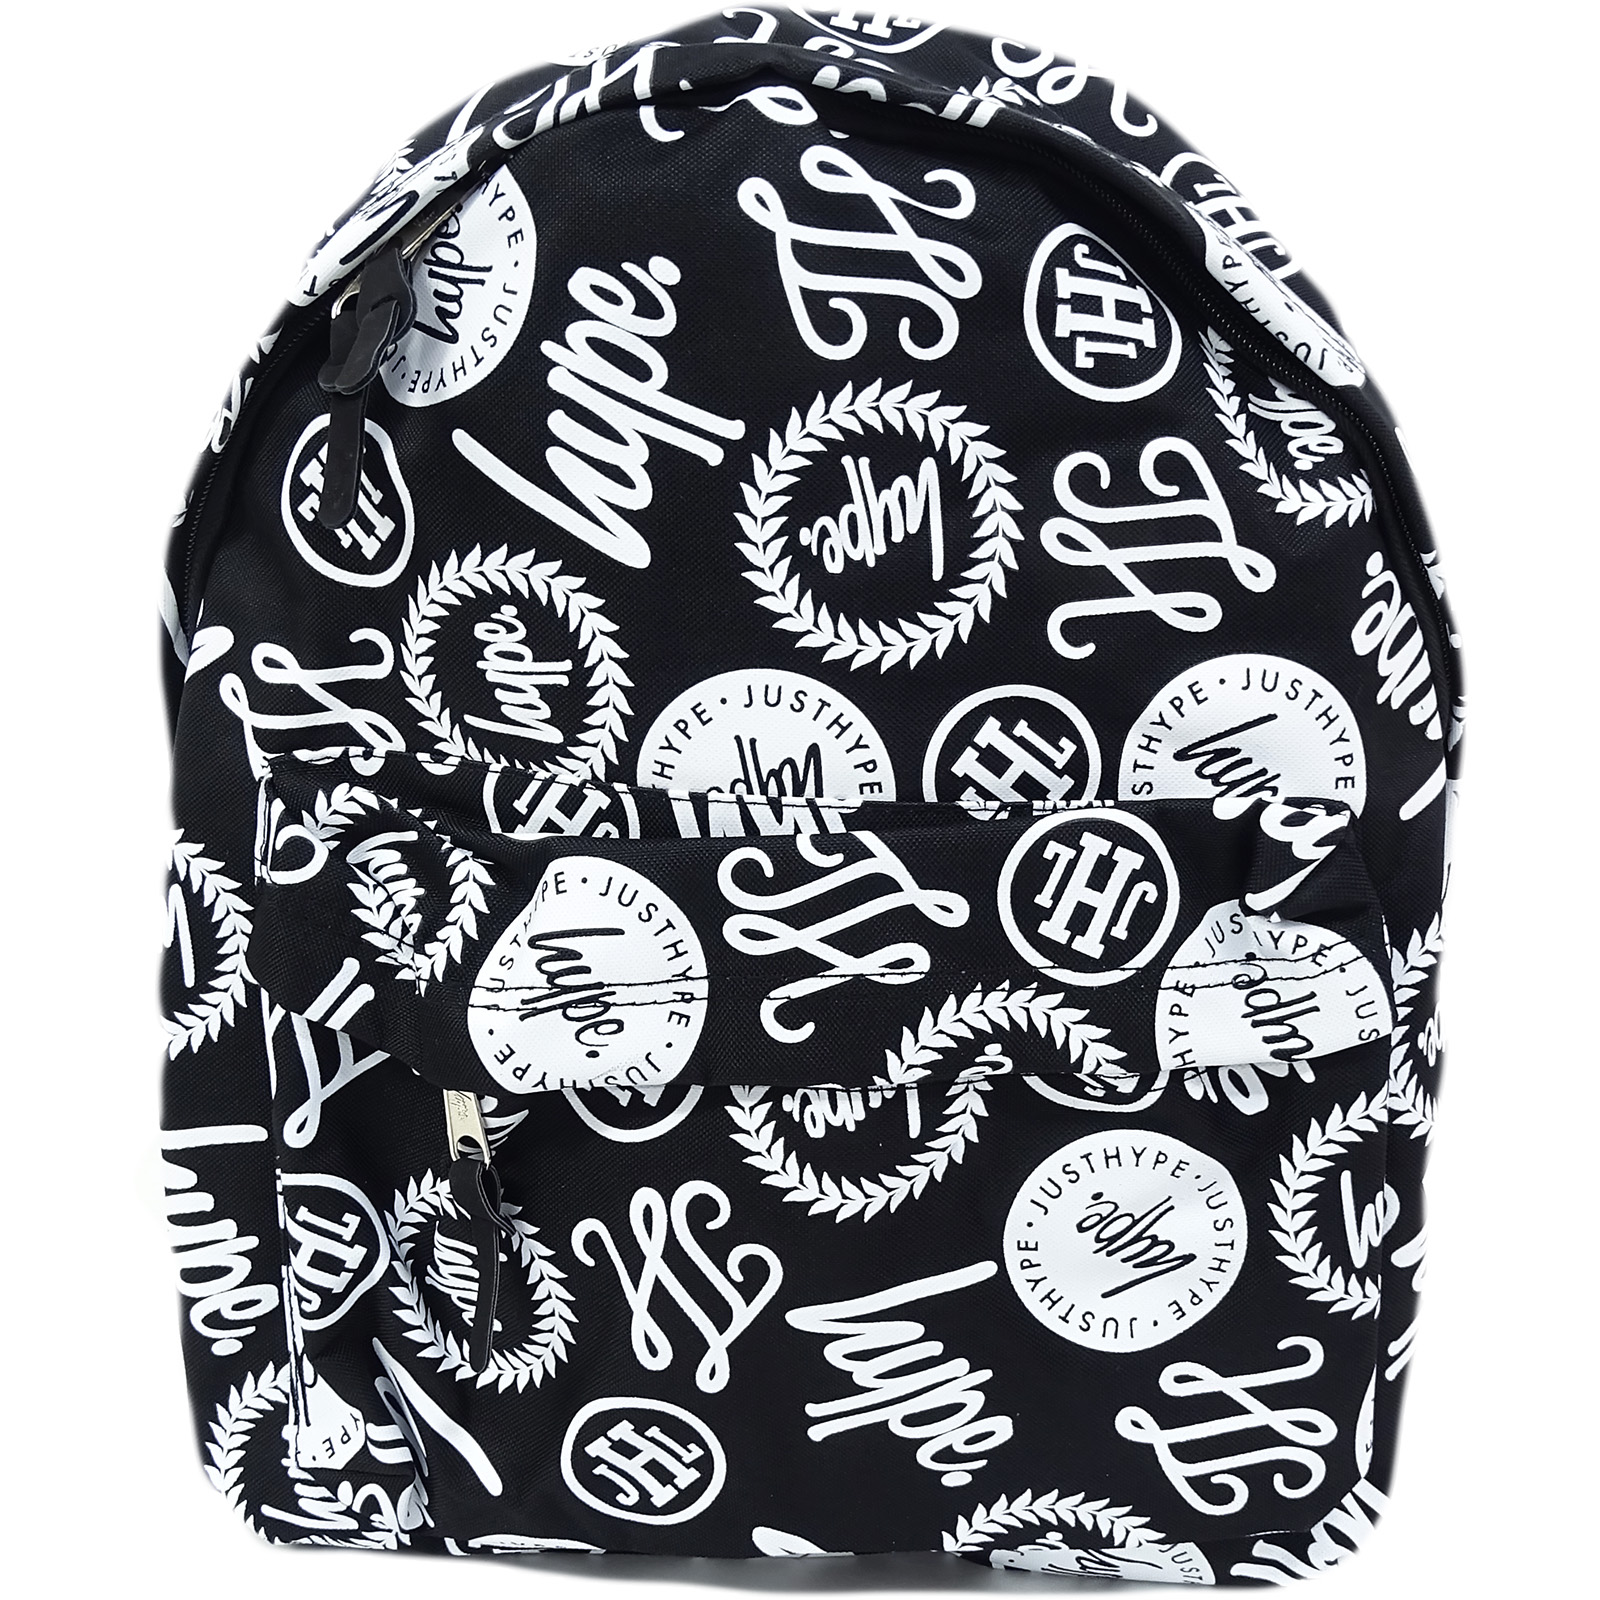 Hype Black / White All Over Hype Logo Backpack Bag Brand Aop